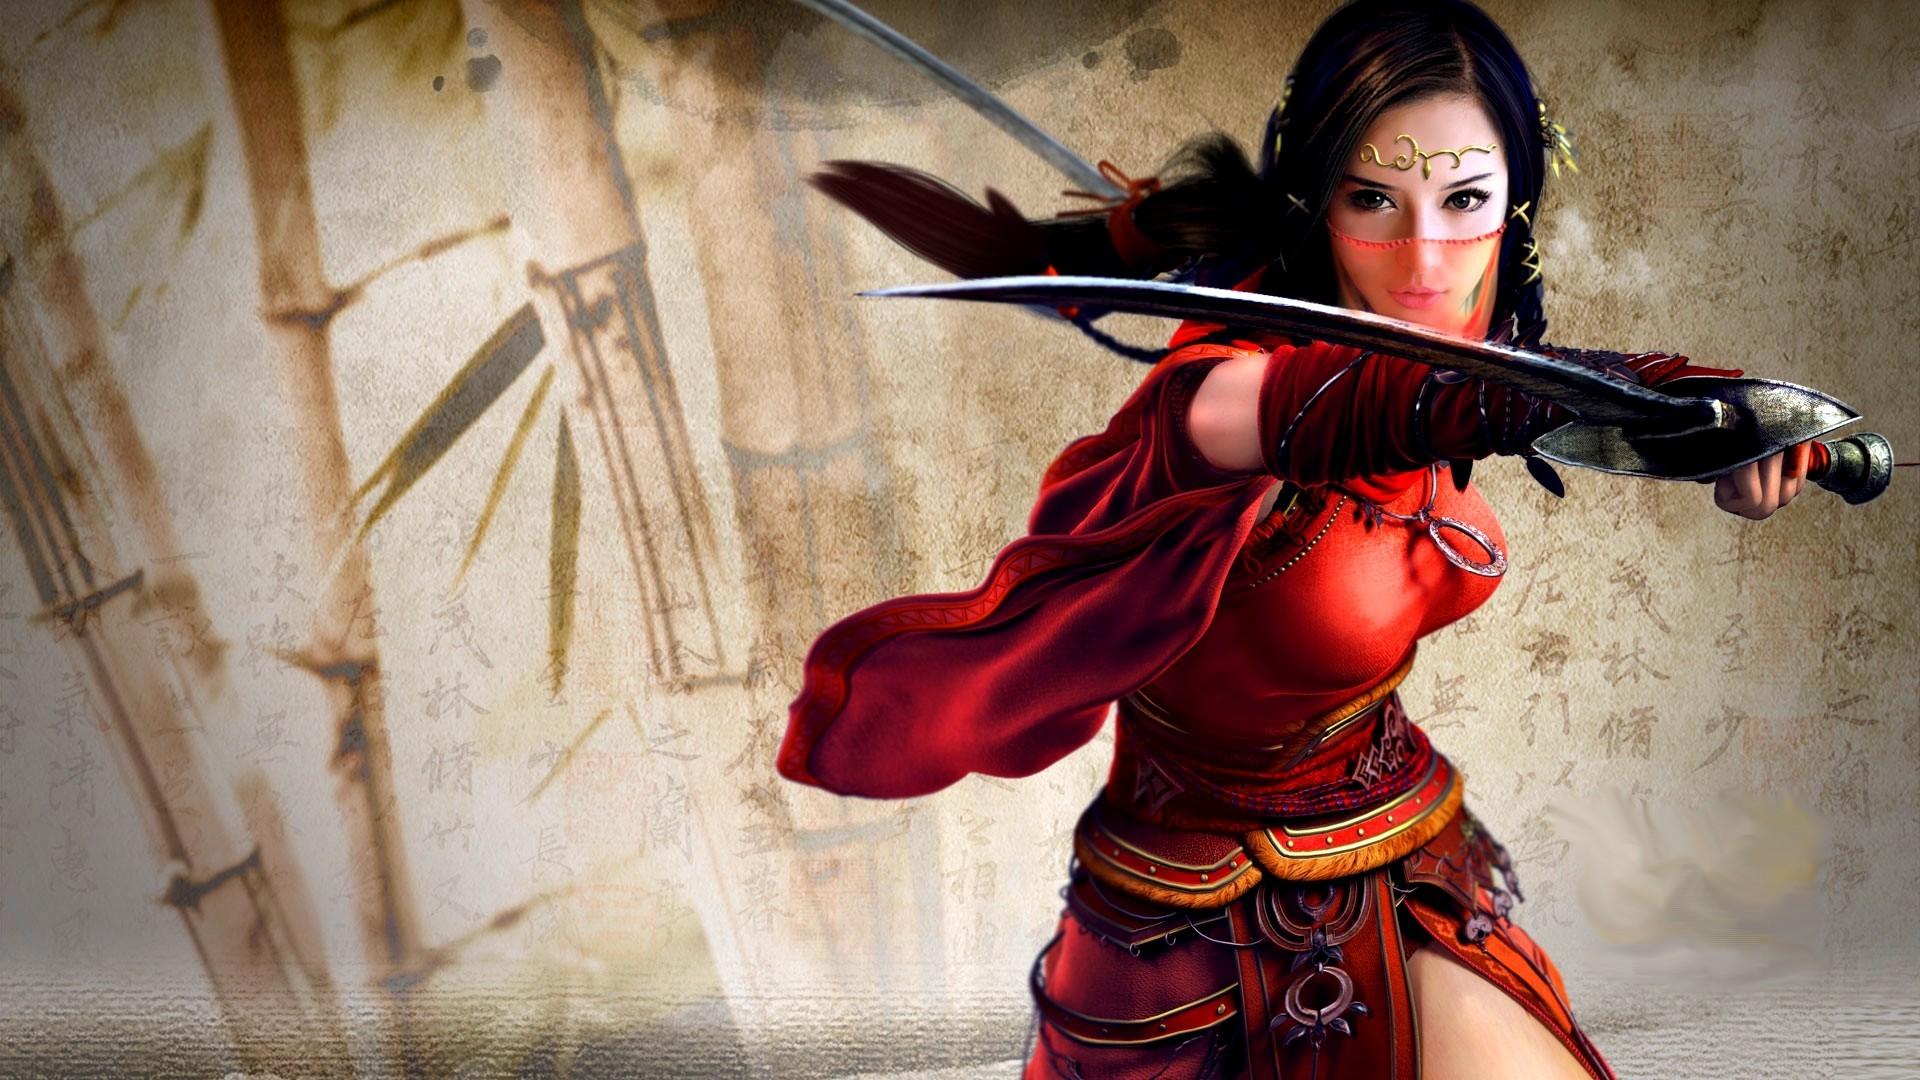 Art warriors women fantasy Asian